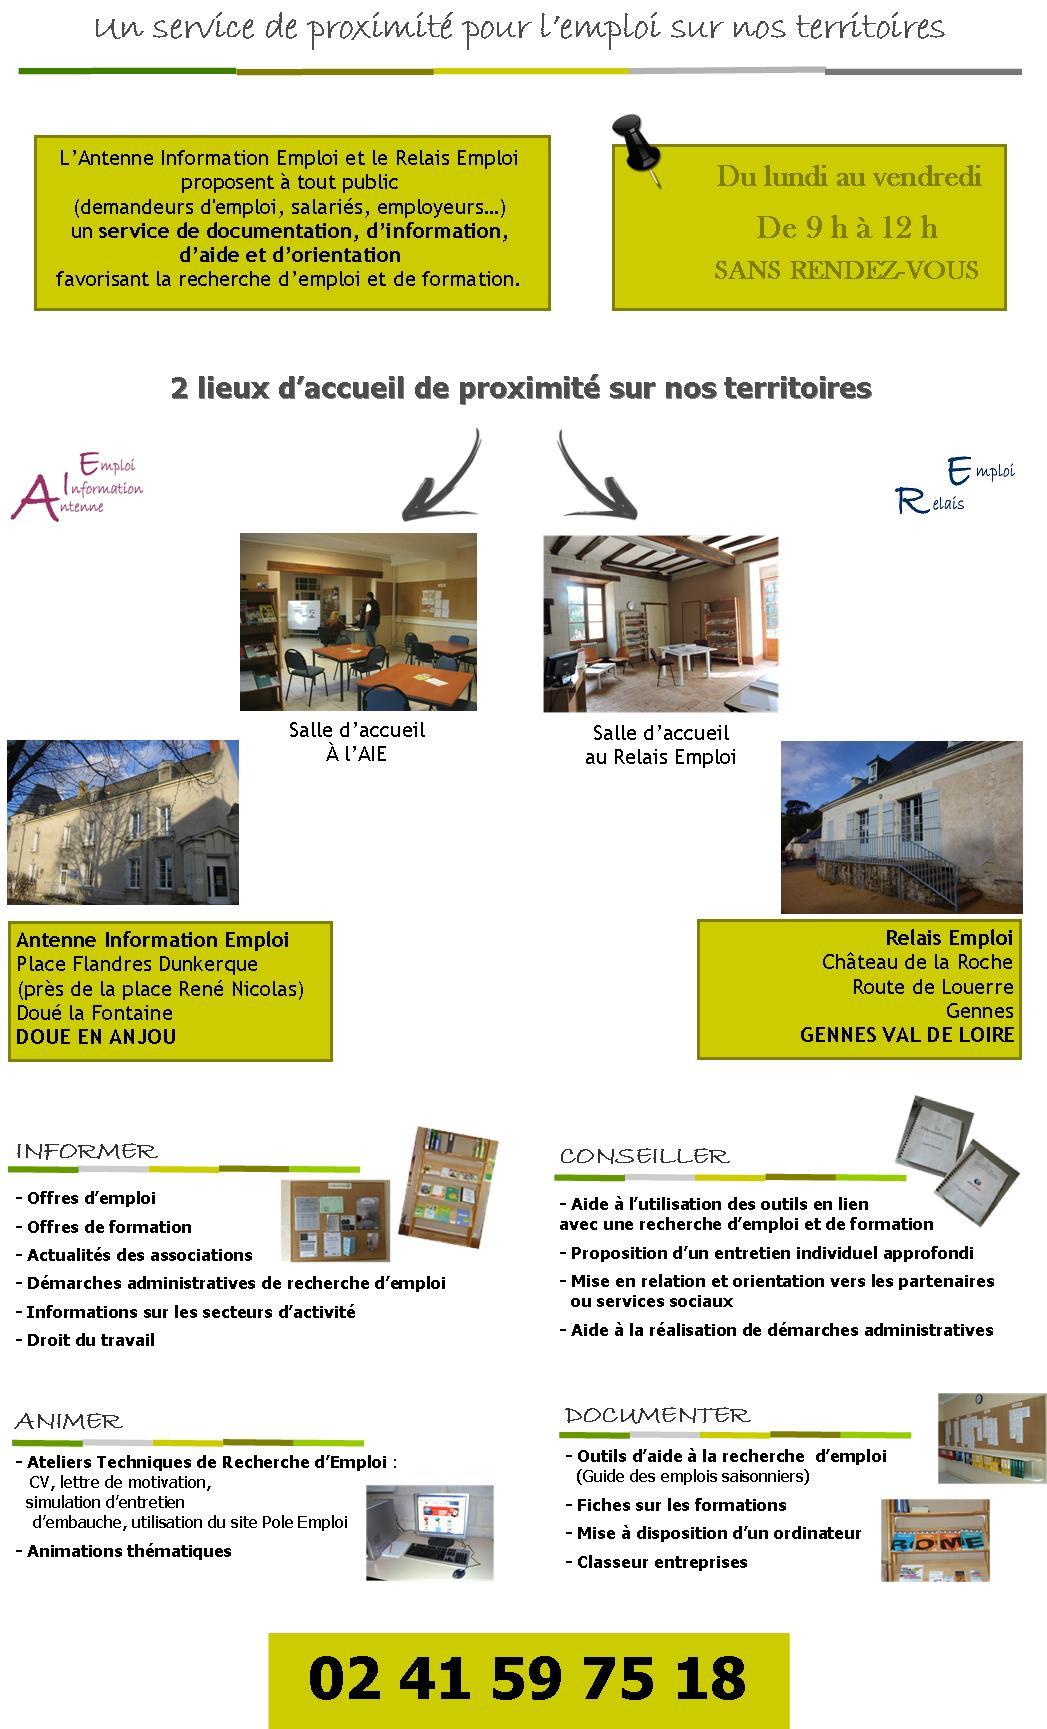 Accueil site 2